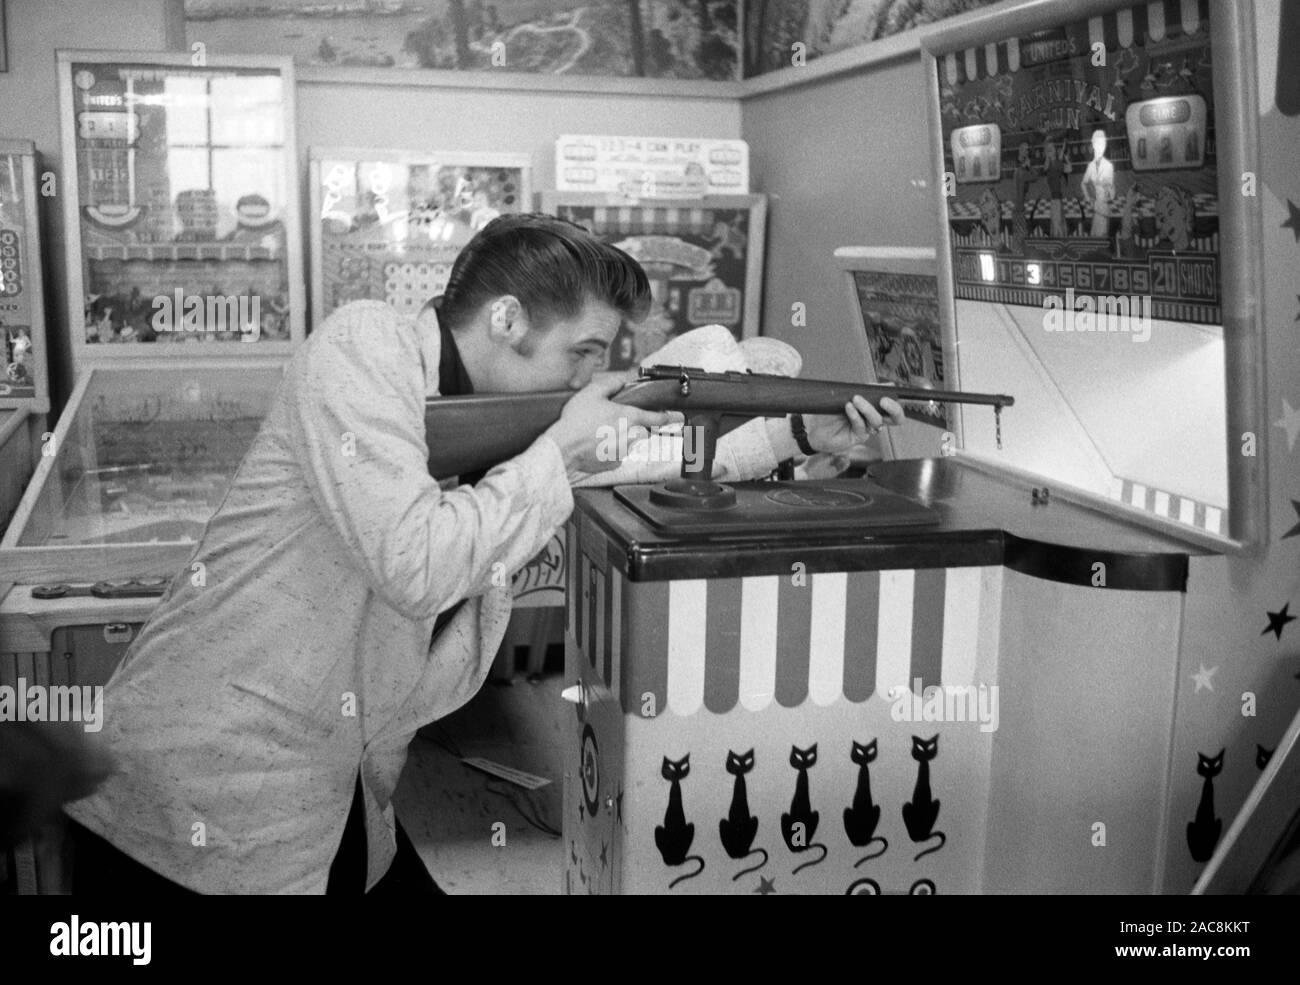 Elvis Presley en faisant une pause de tournée en 1956. L'emplacement est très probable, à Détroit, Michigan, où Elvis était l'exécution du Fox Theatre le 25 mai 1956 Banque D'Images